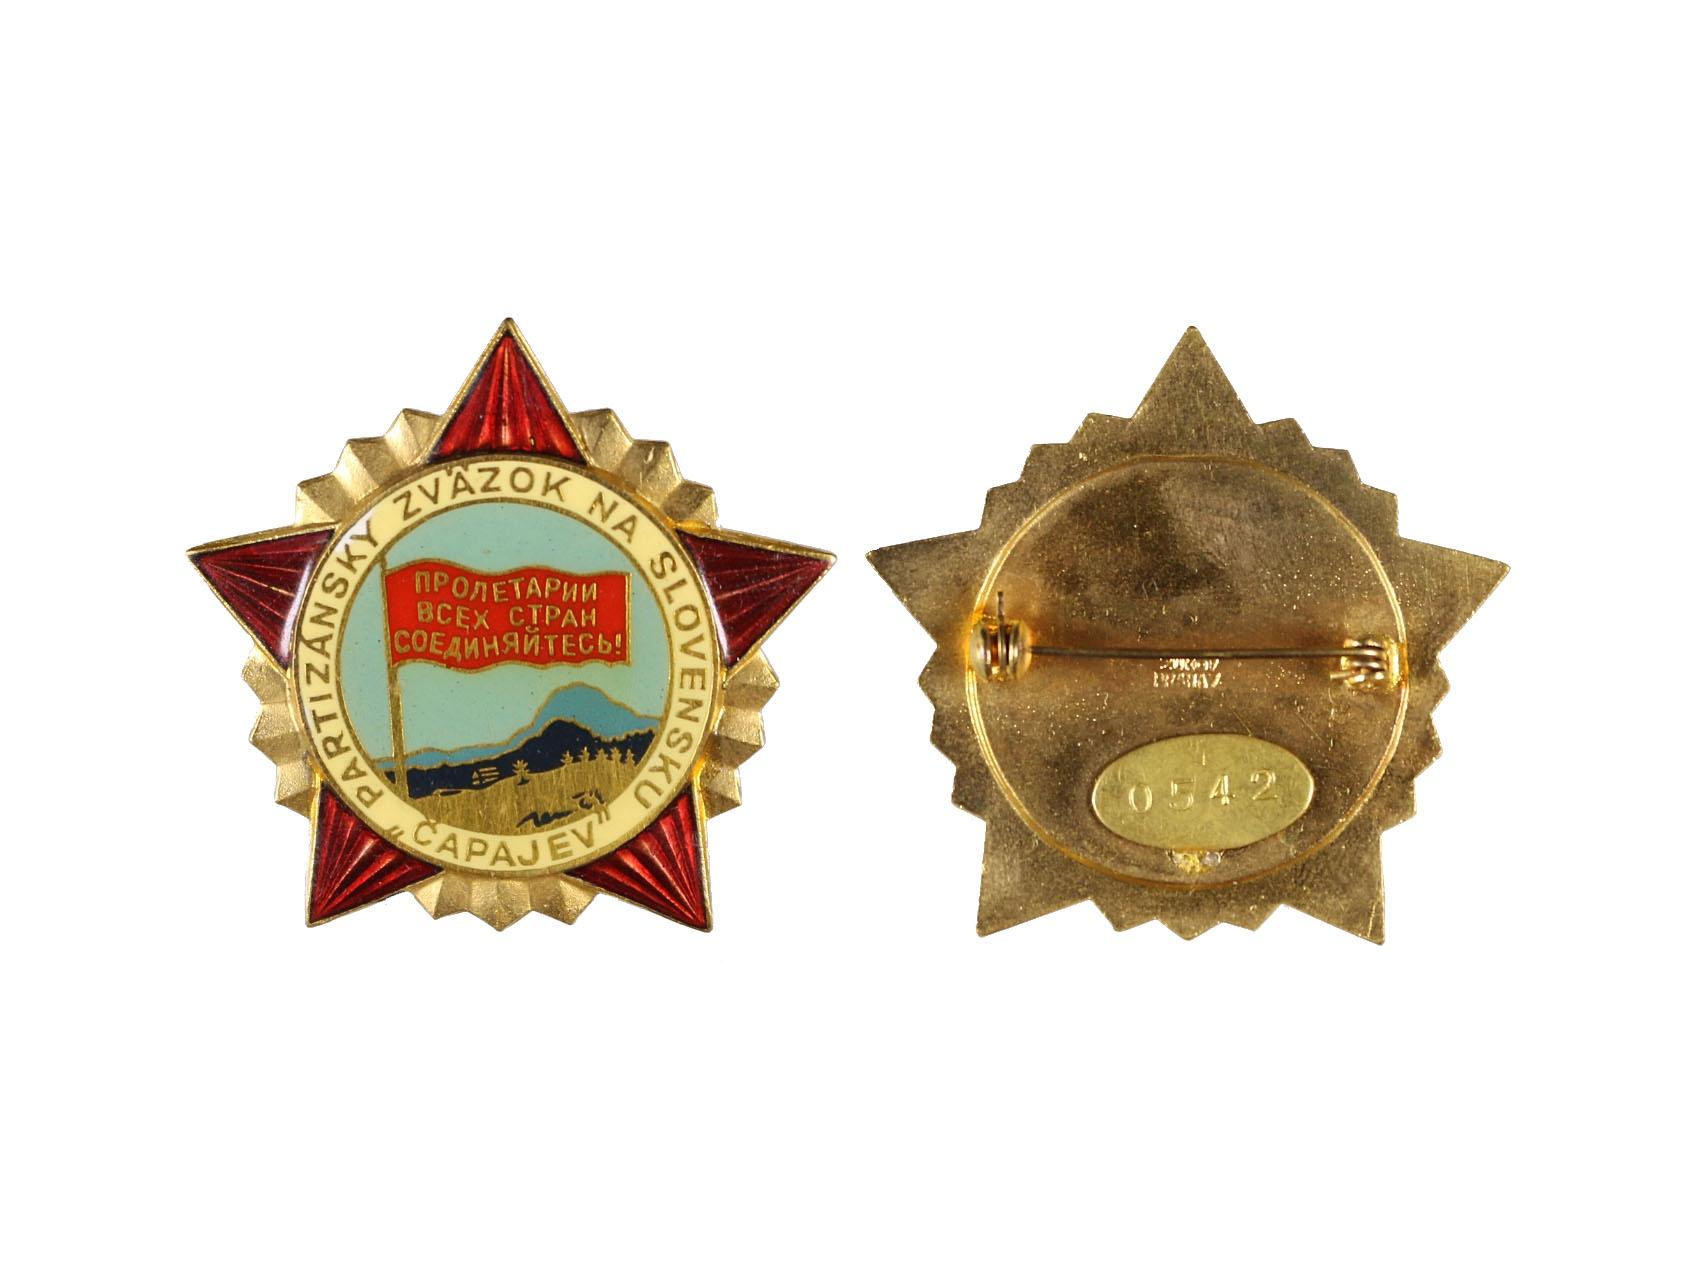 Odznak partyzánského svazku Čapajev, číslovaný 0542, zn. výrobce Zukov Praha, původní etue, VM 125